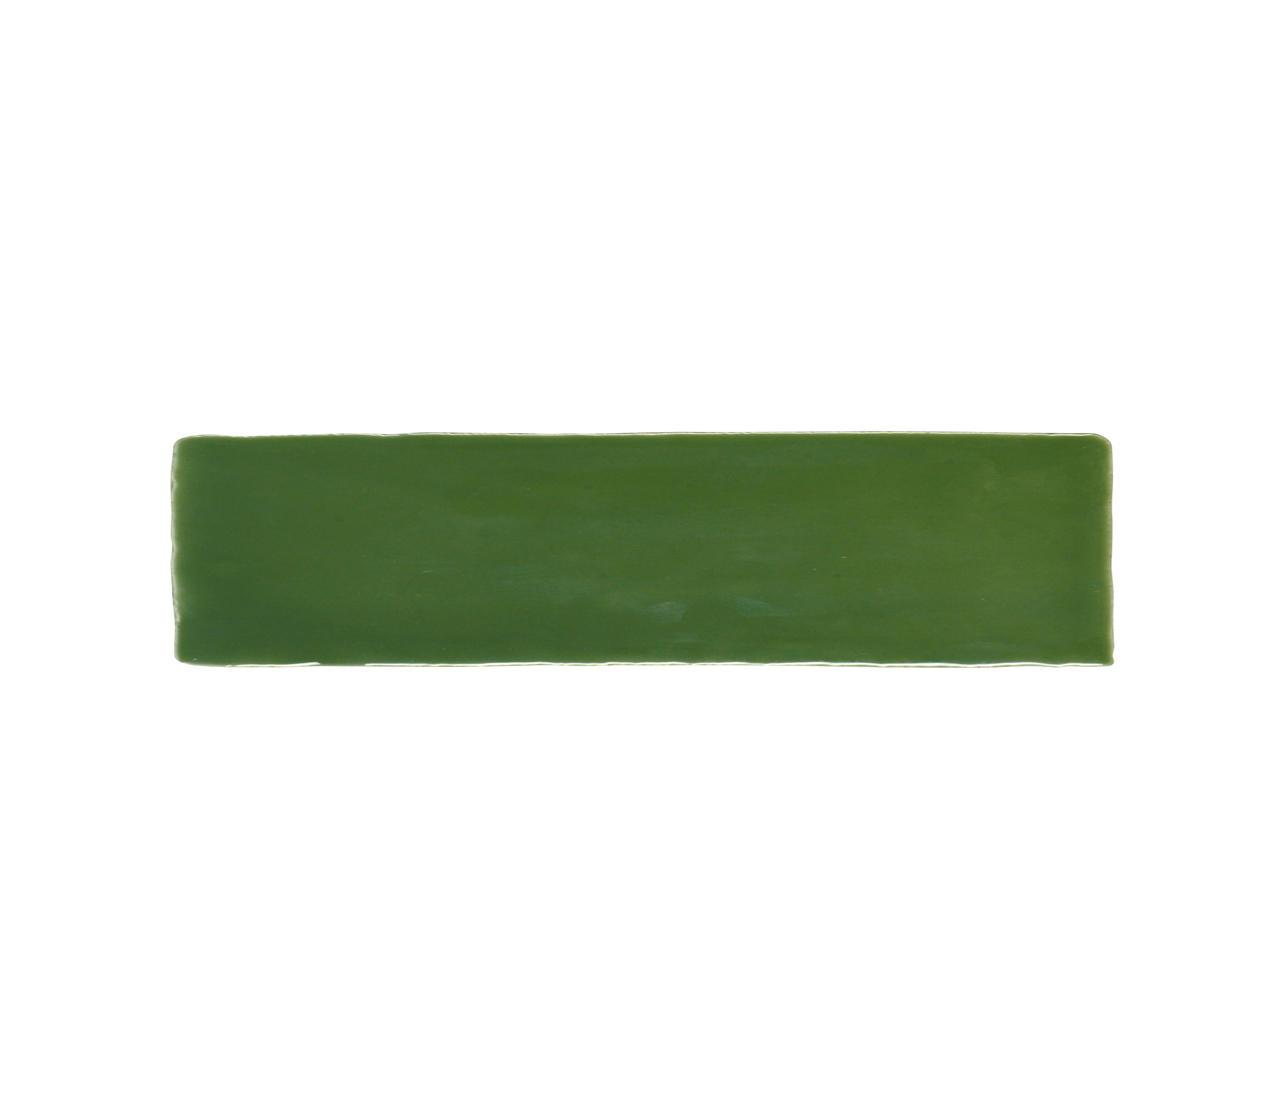 MEDITERRANEAN GREEN Keramik Fliesen von APE Grupo